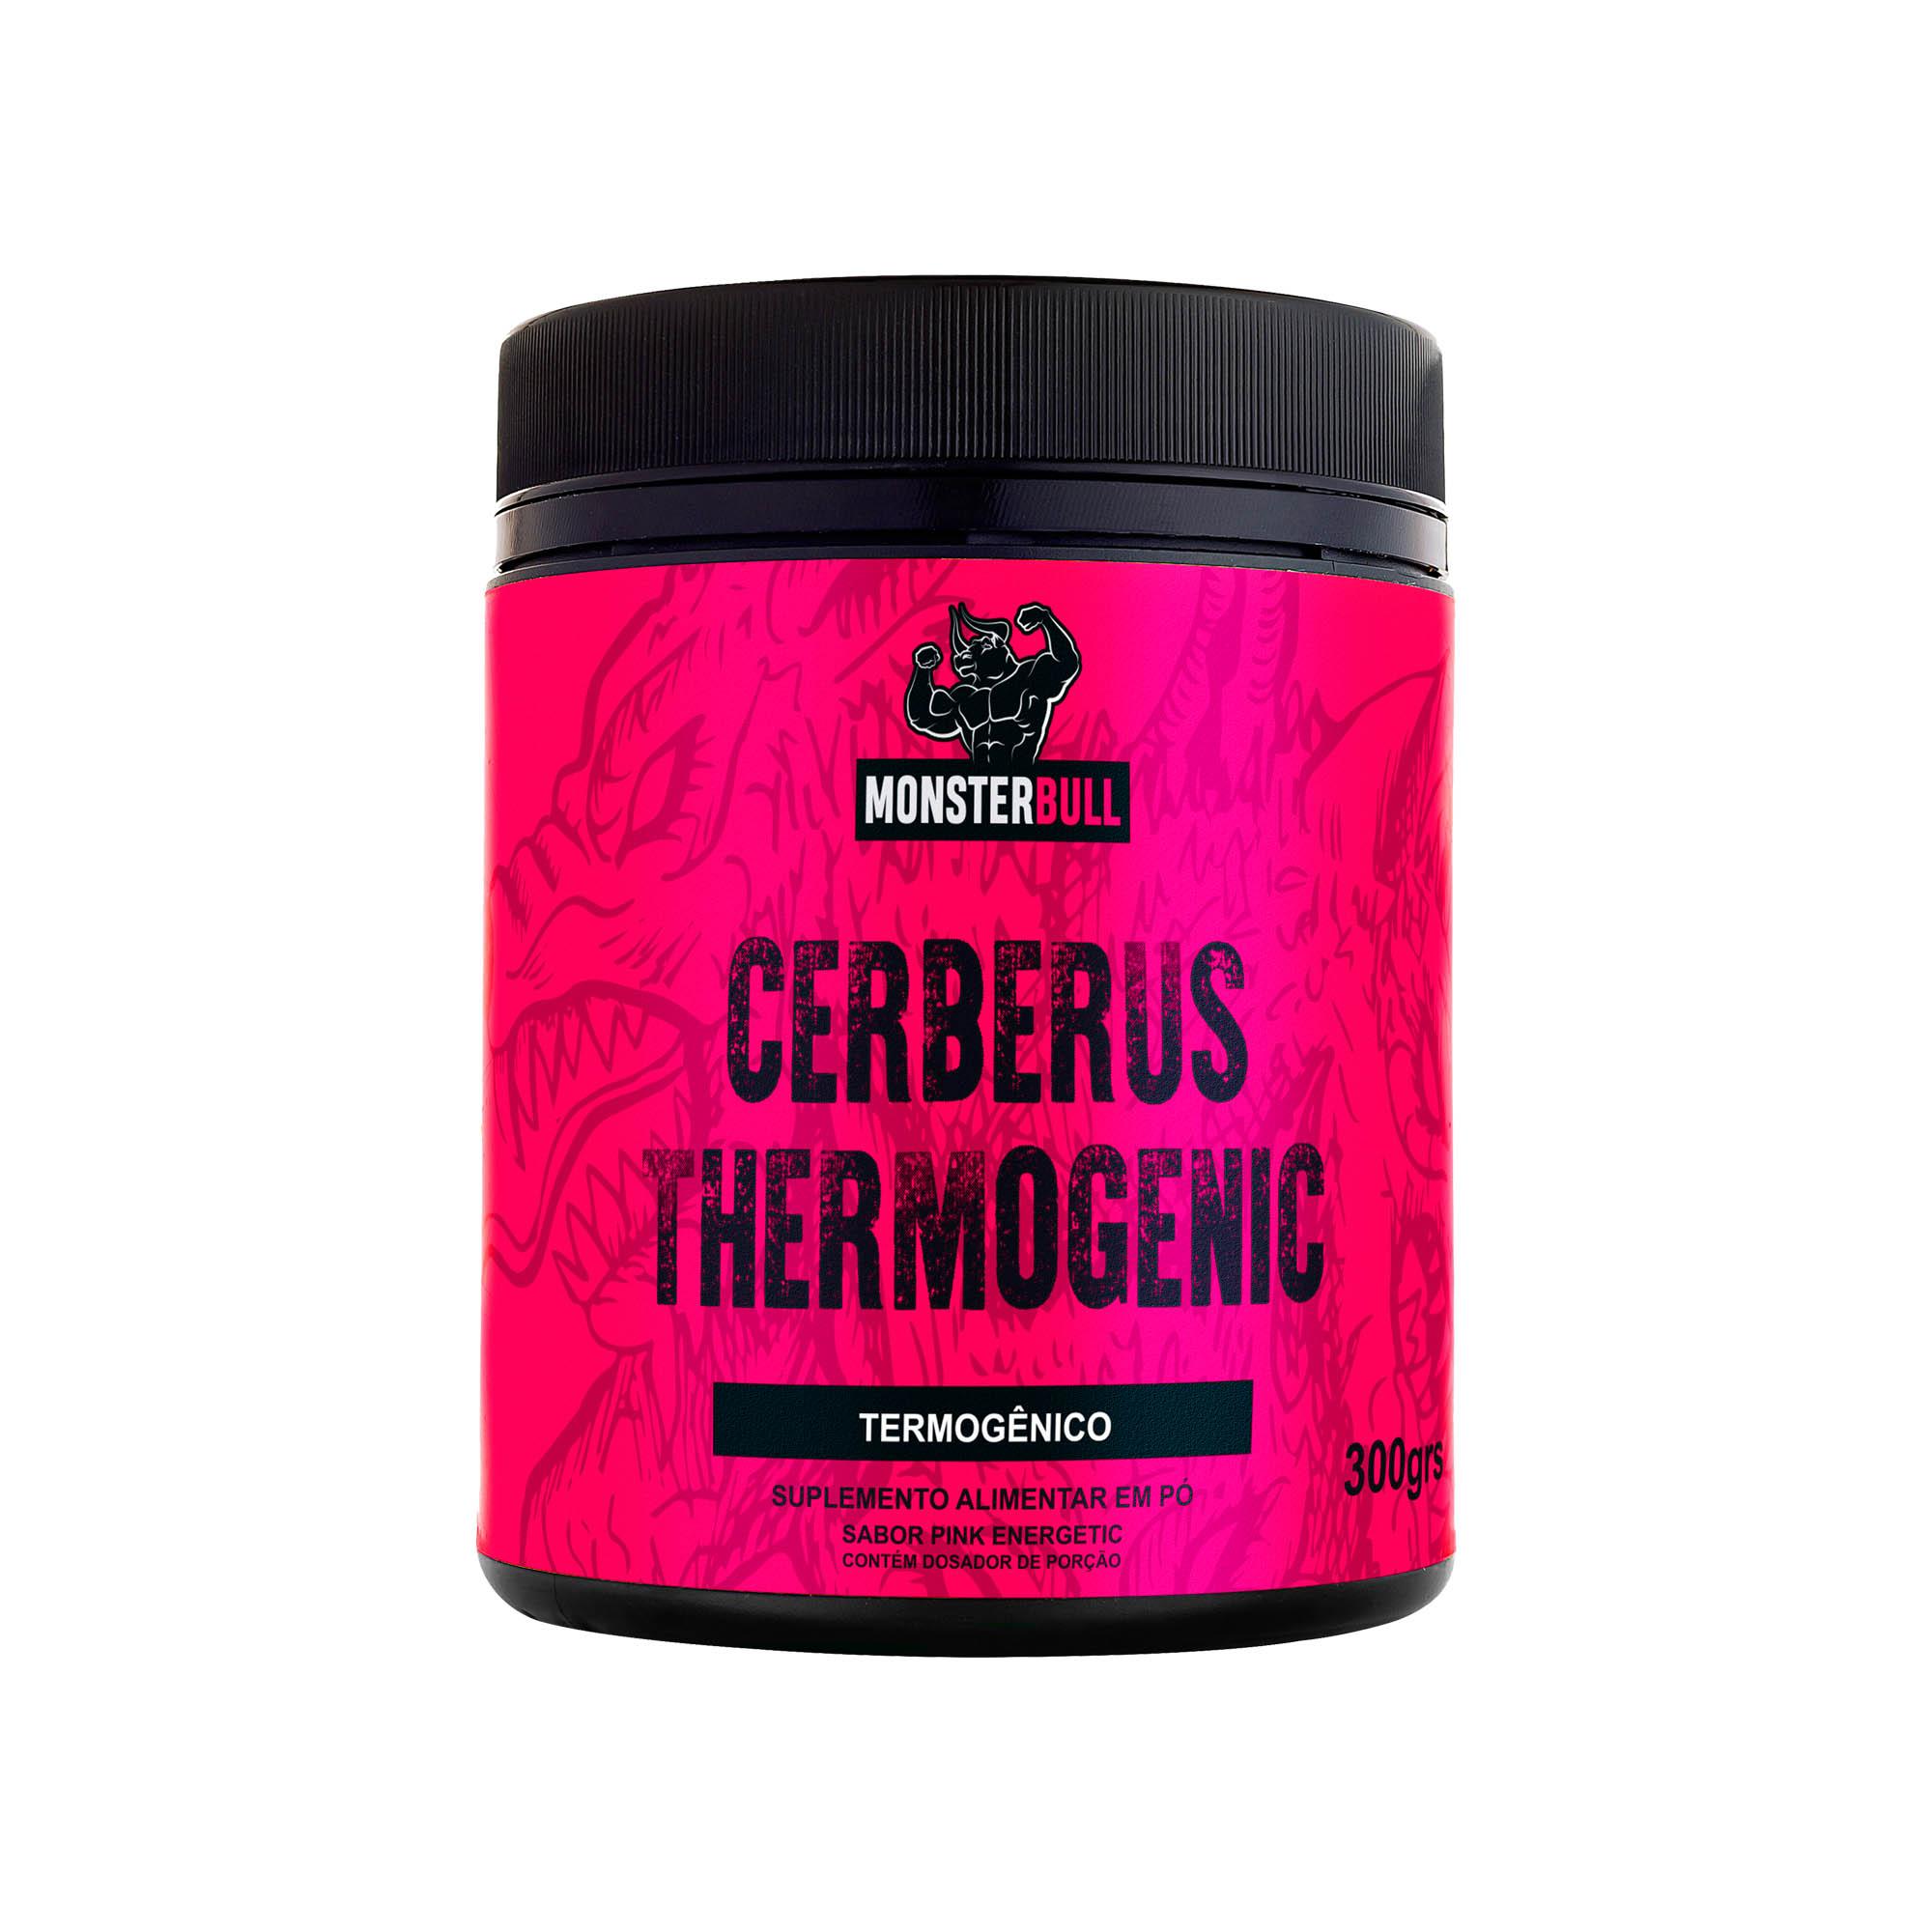 Termogênico - Cerberus Thermogenic